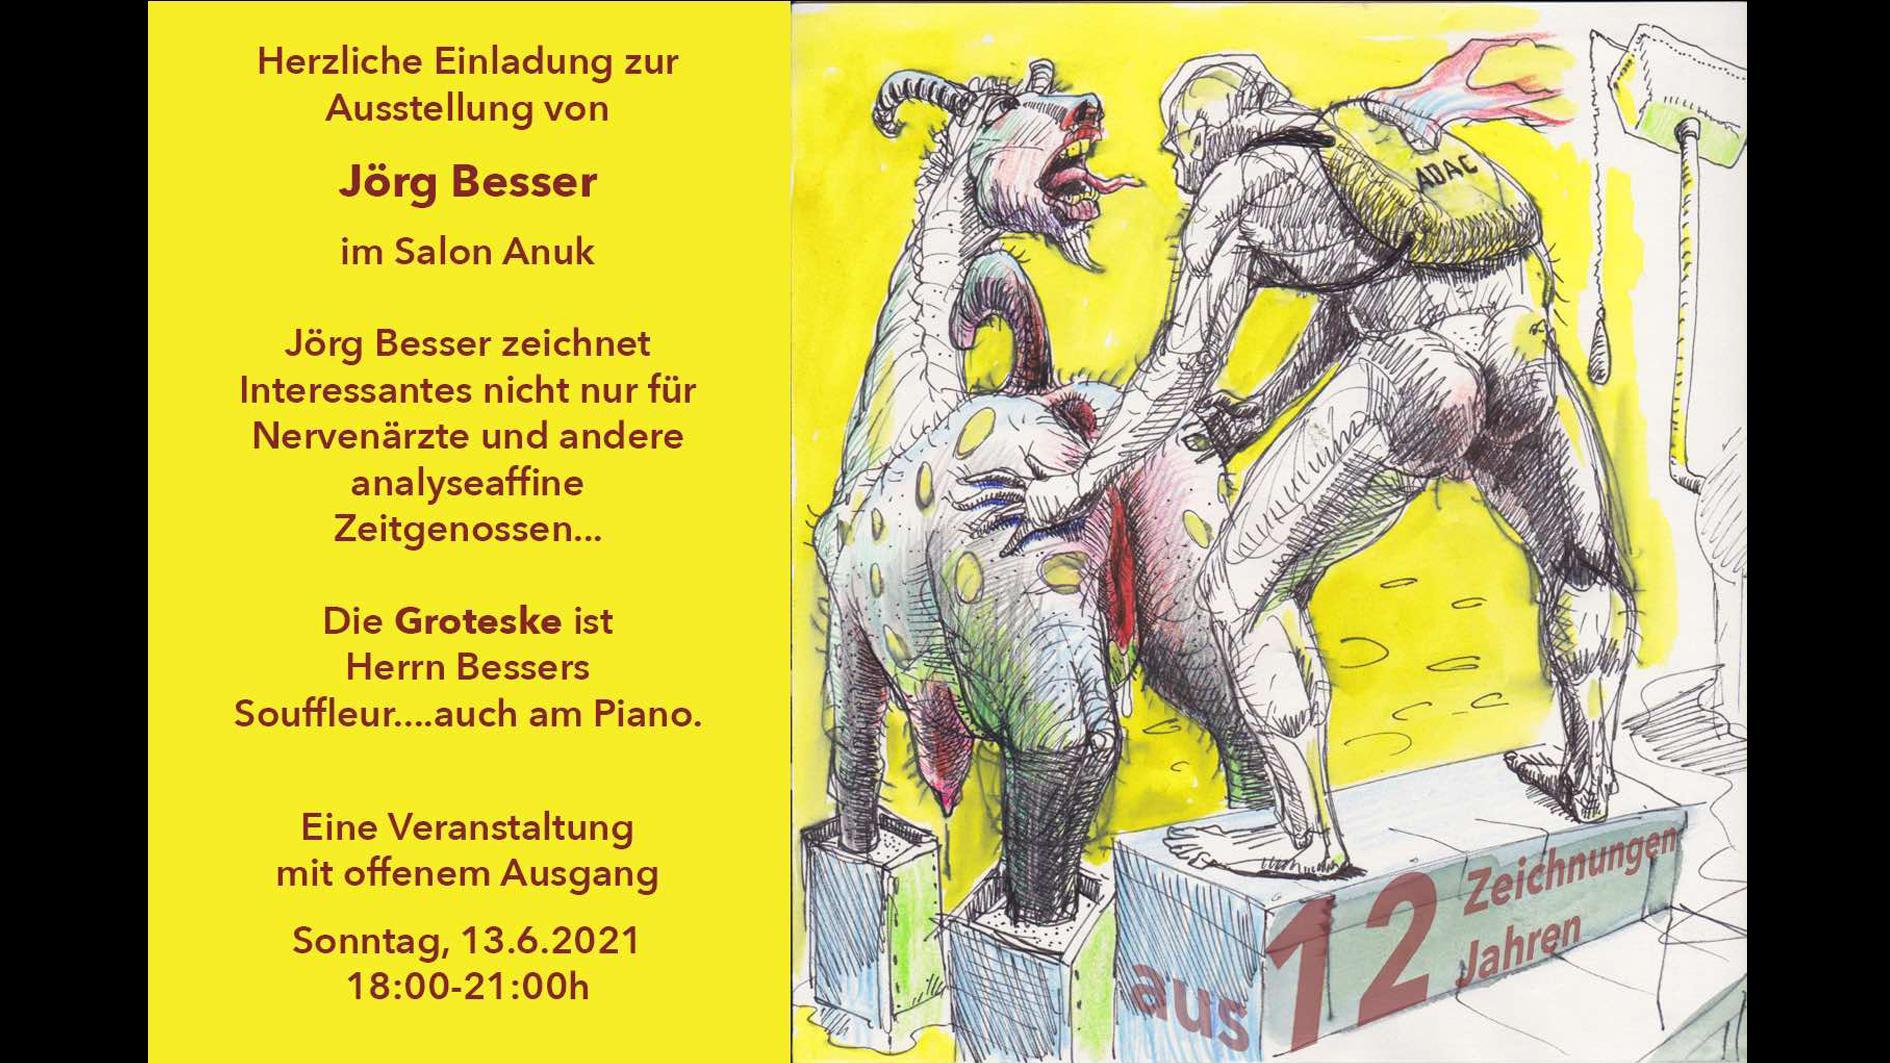 JÖRG BESSER 12 Zeichnungen aus 12 Jahren